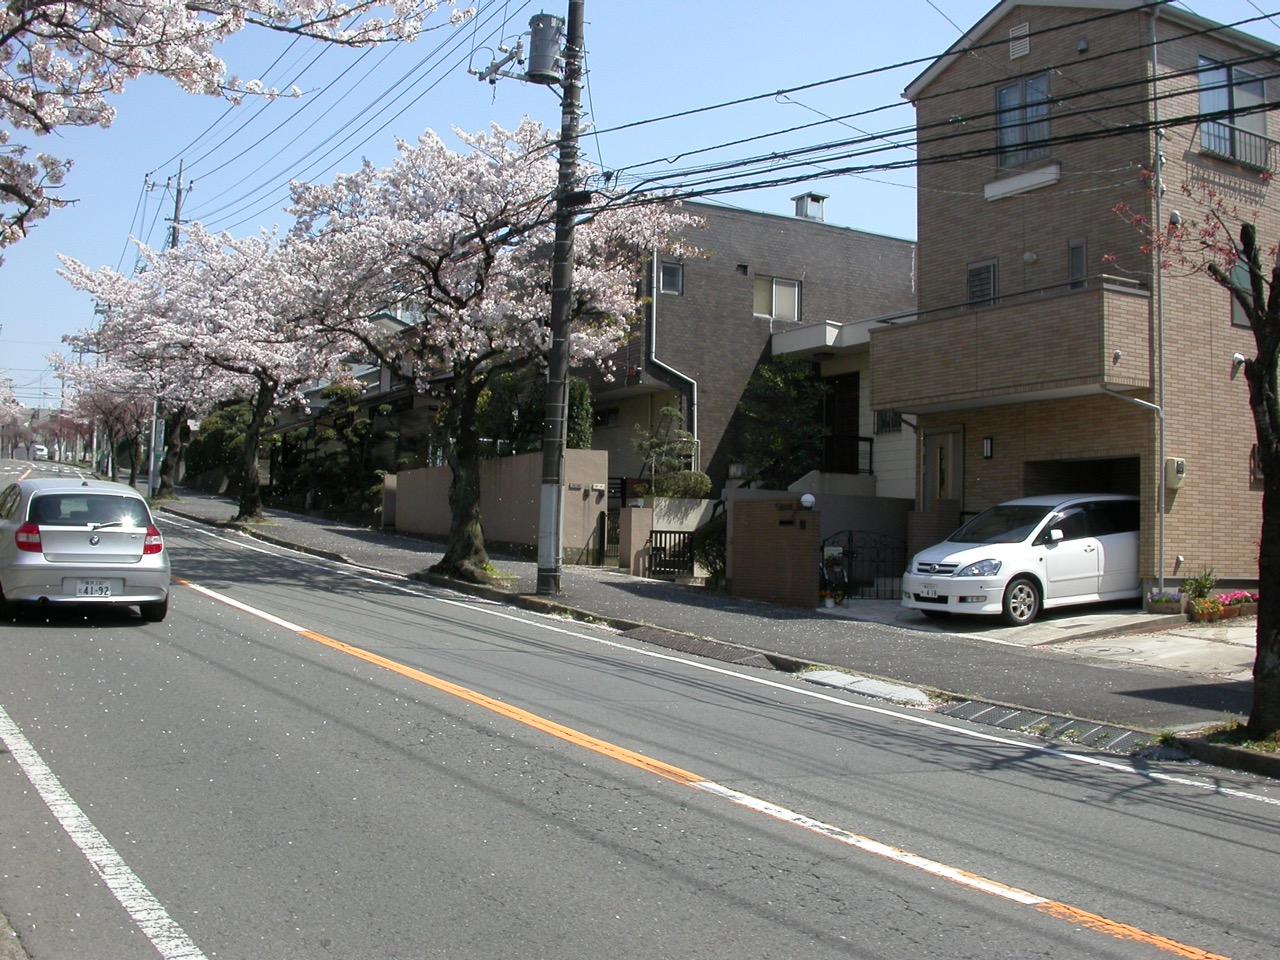 От разговорника вместо физики до CarPrice, или как я обосновался в Японии - 1